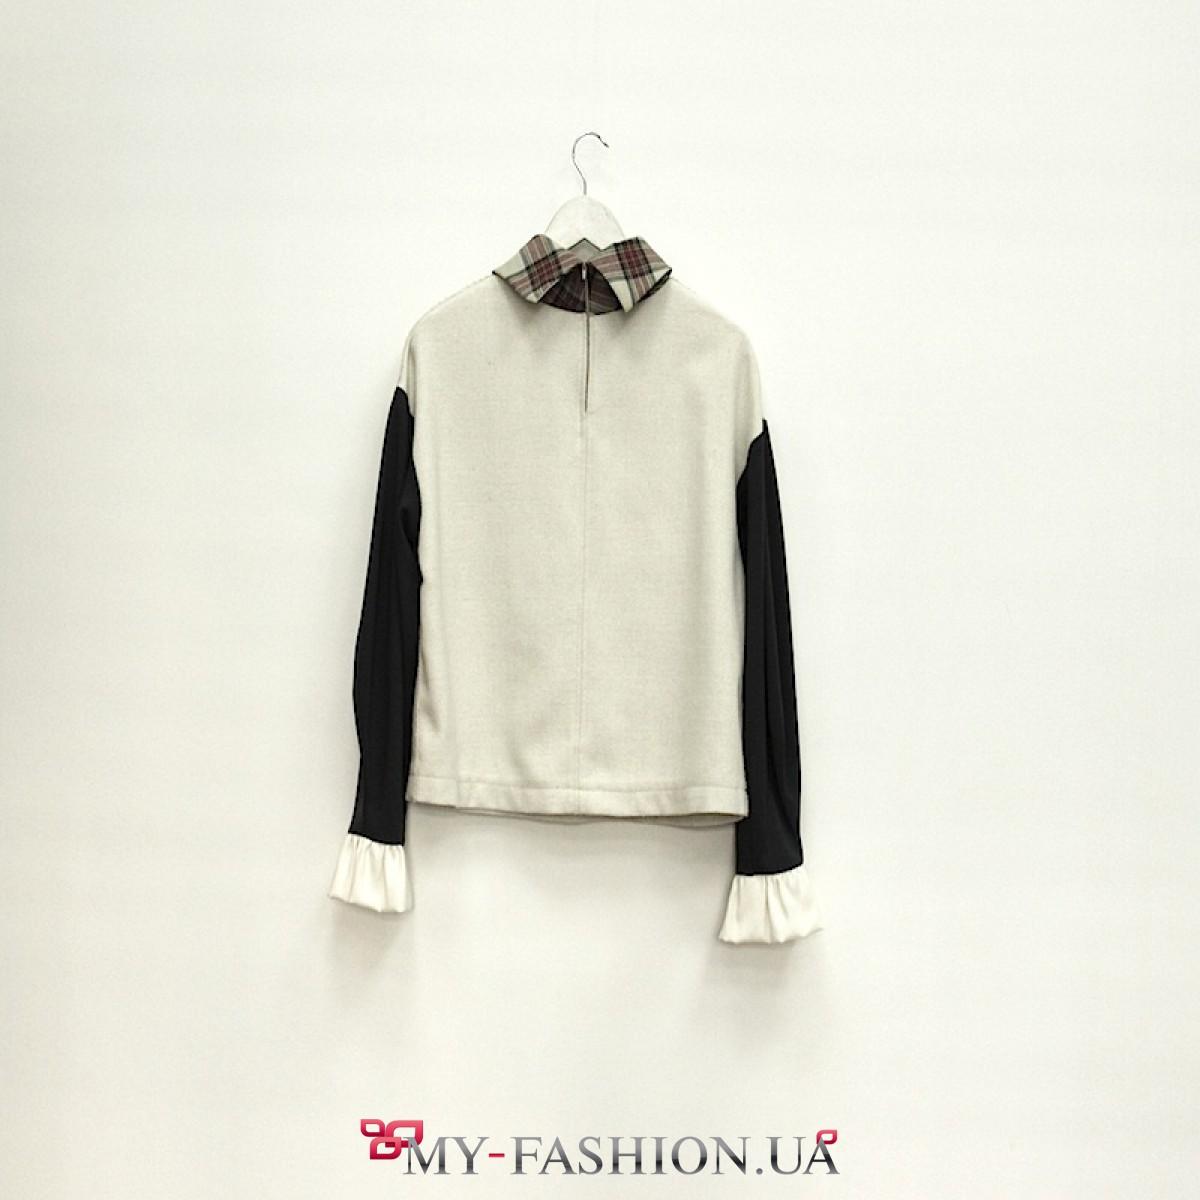 Блузка из плотной ткани купить